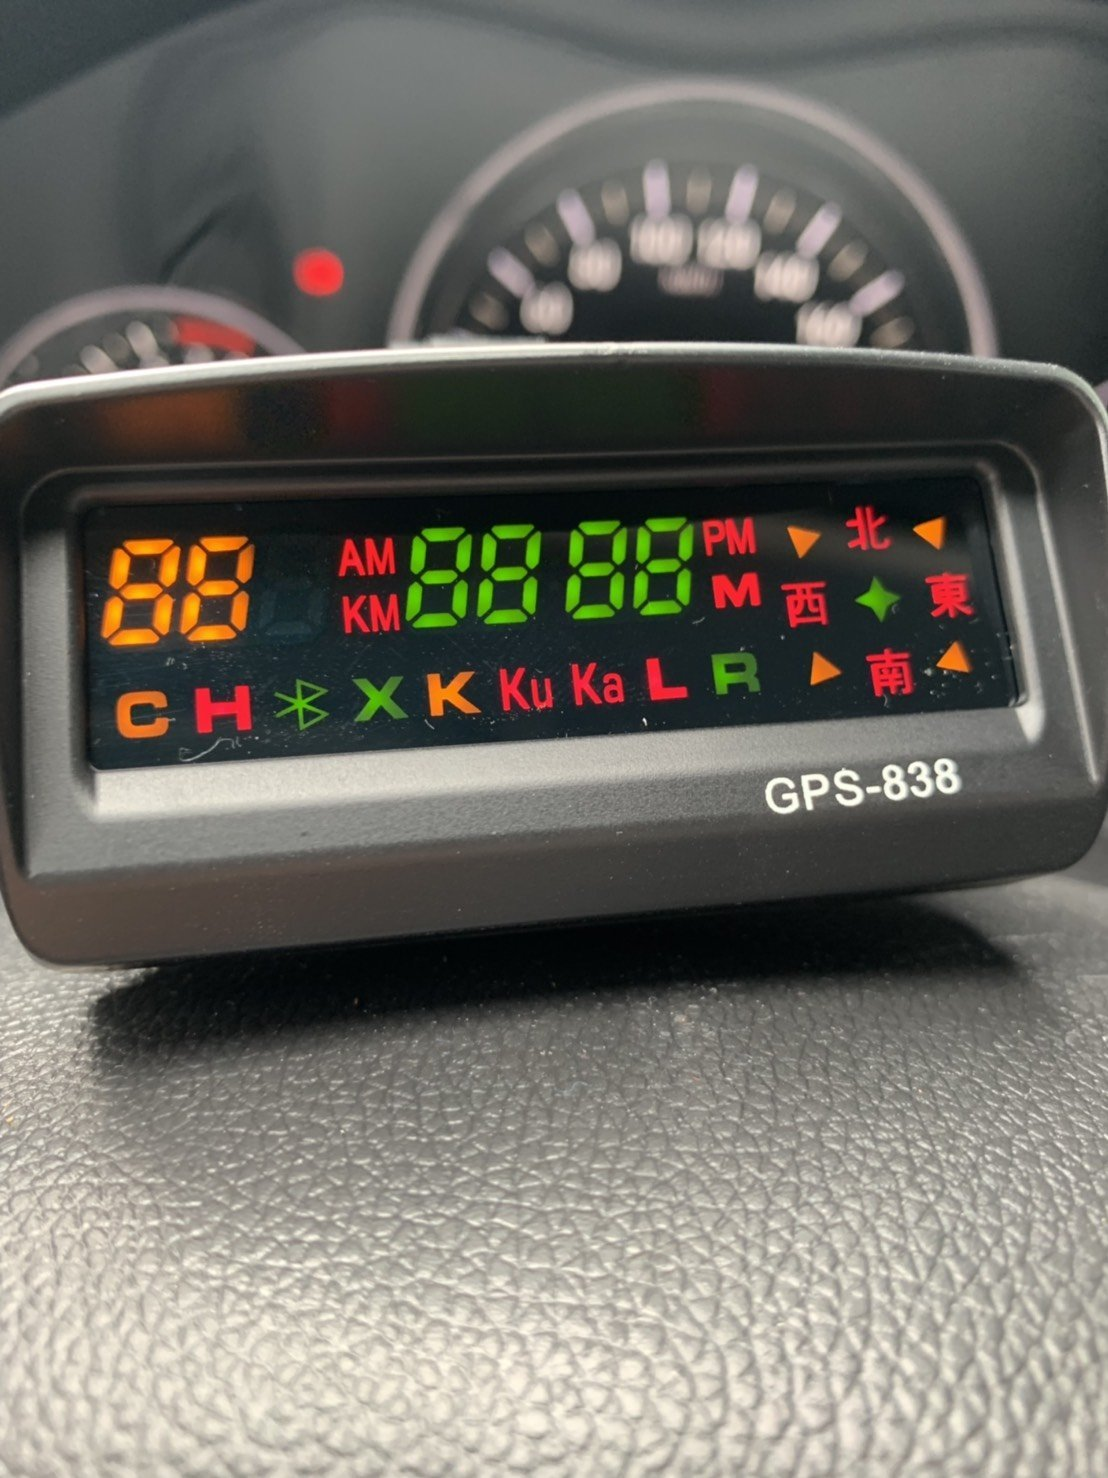 ☆光速改裝精品☆南極星 GPS-838 GPS測速器 全彩雙顯衛星超速警示器  免運費 保固一年{送點菸器+發票}